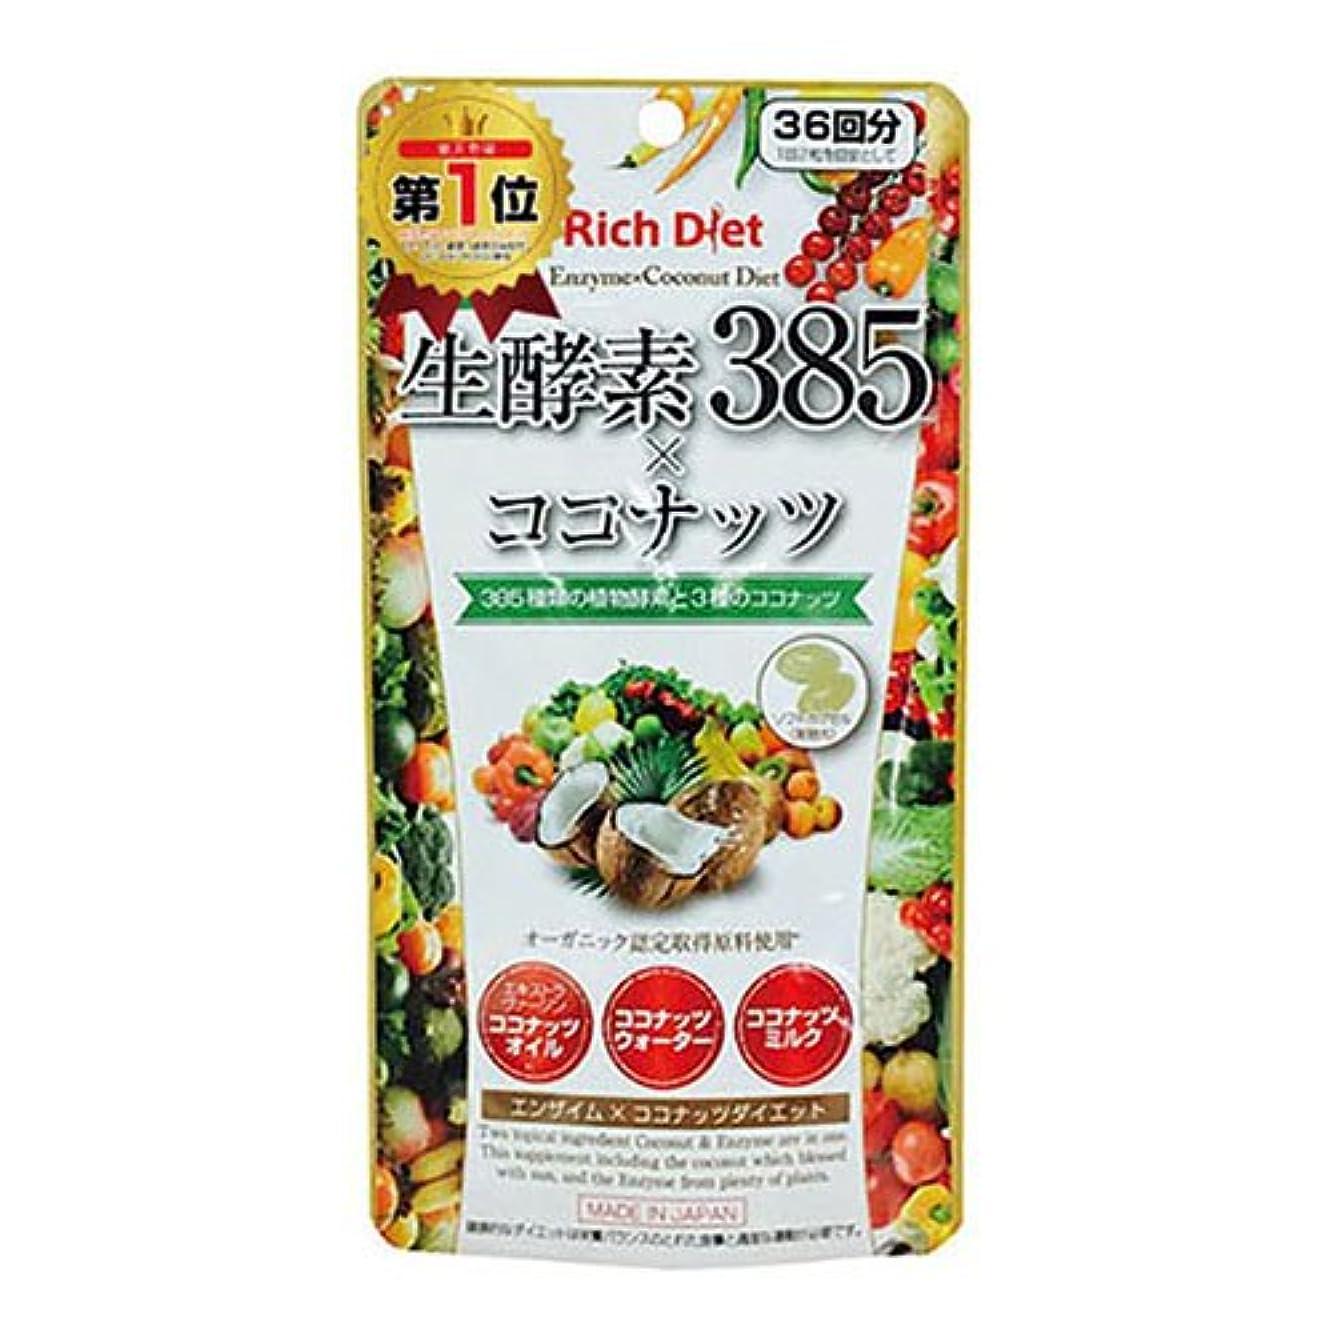 として答え作りますRich Diet 生酵素×ココナッツダイエット 72粒